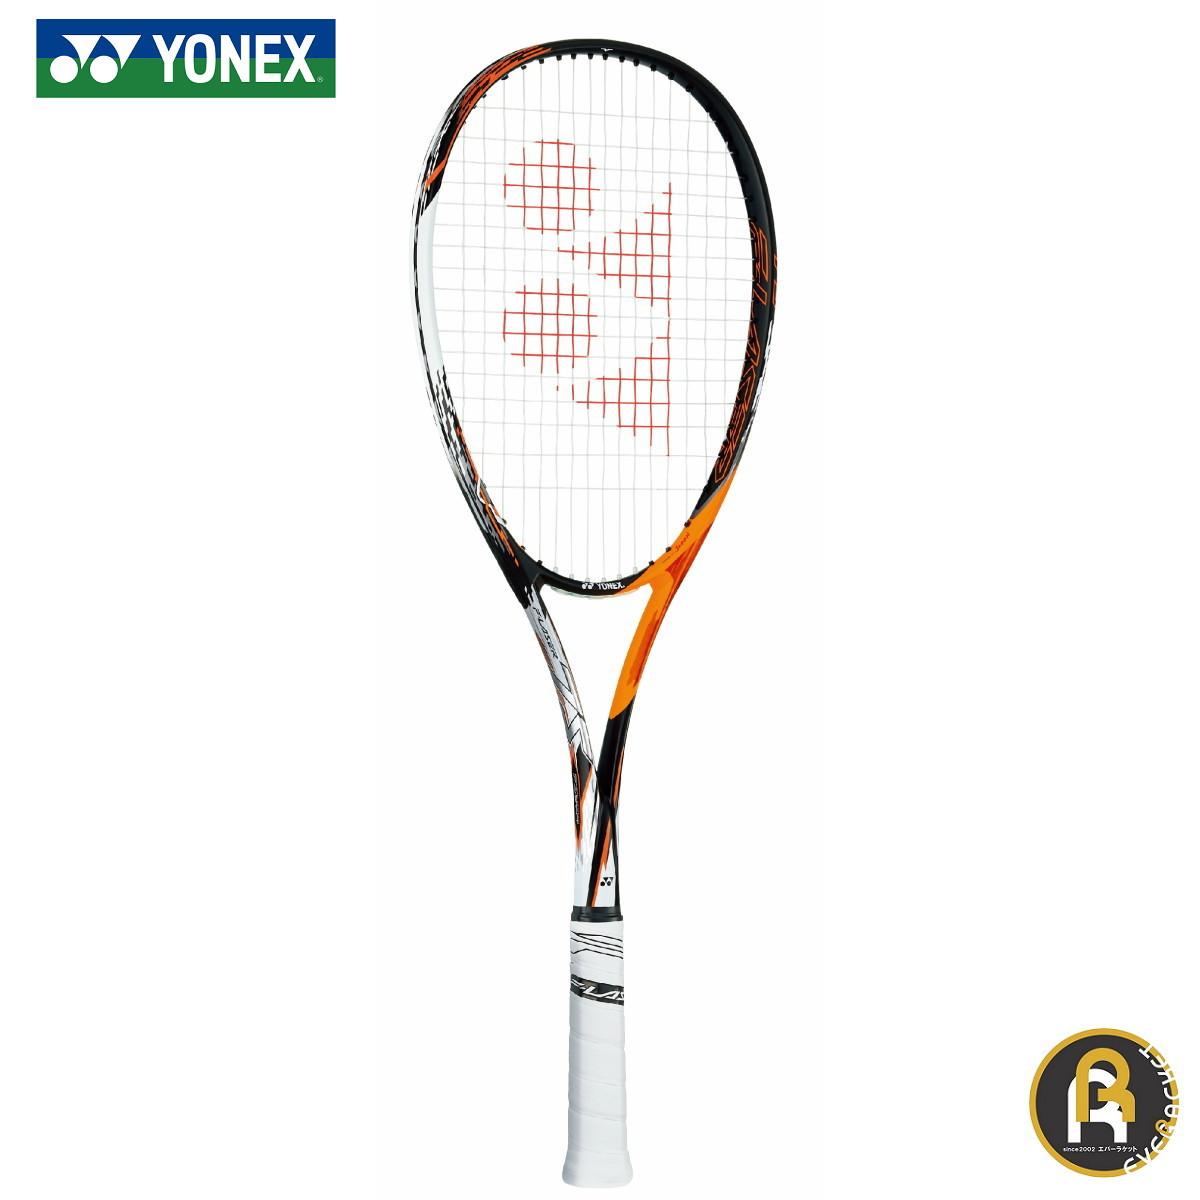 YONEX ヨネックス バドミントン ソフトテニスラケット エフレーザー7S FLR7S 《ガット代・張り代無料》《S張り・V張り対応》